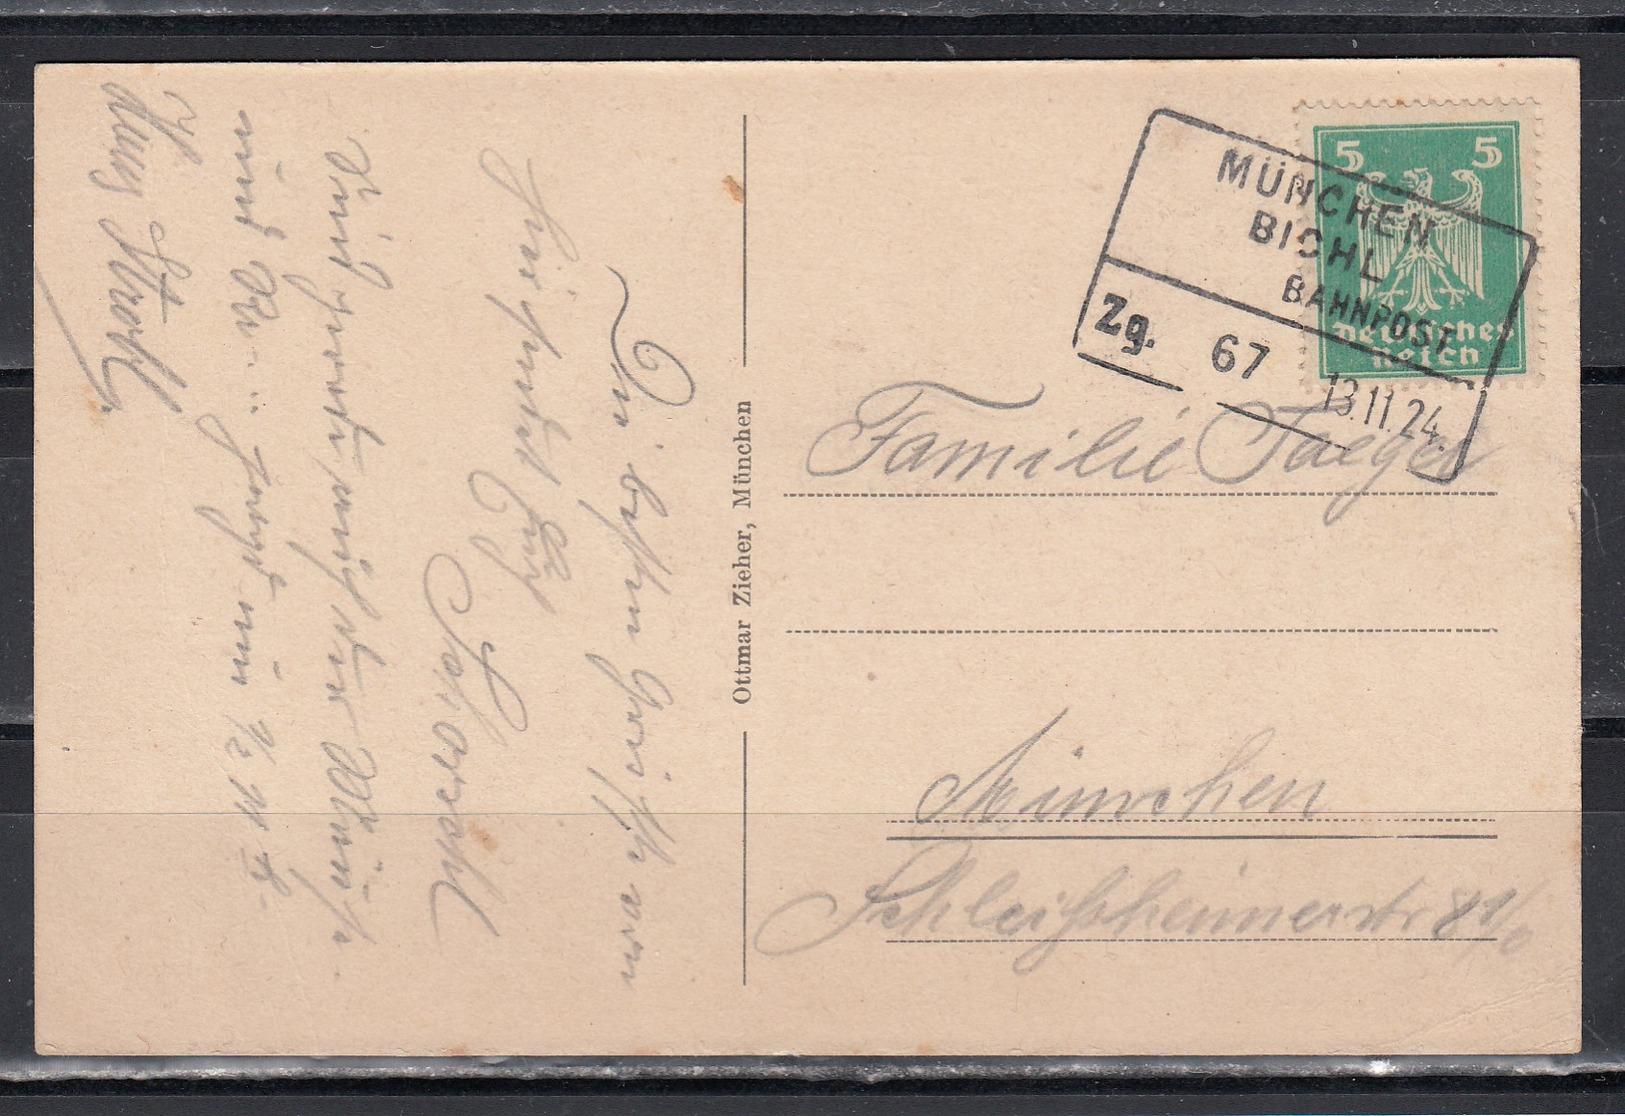 """Dt.Reich Bahnpost-Kasten-o """"München/Bichl/Bahnpost/Zg.67/13.11.24"""" Auf Ak Schloß Eurasburg Im Isarttal EF356 - Briefe U. Dokumente"""